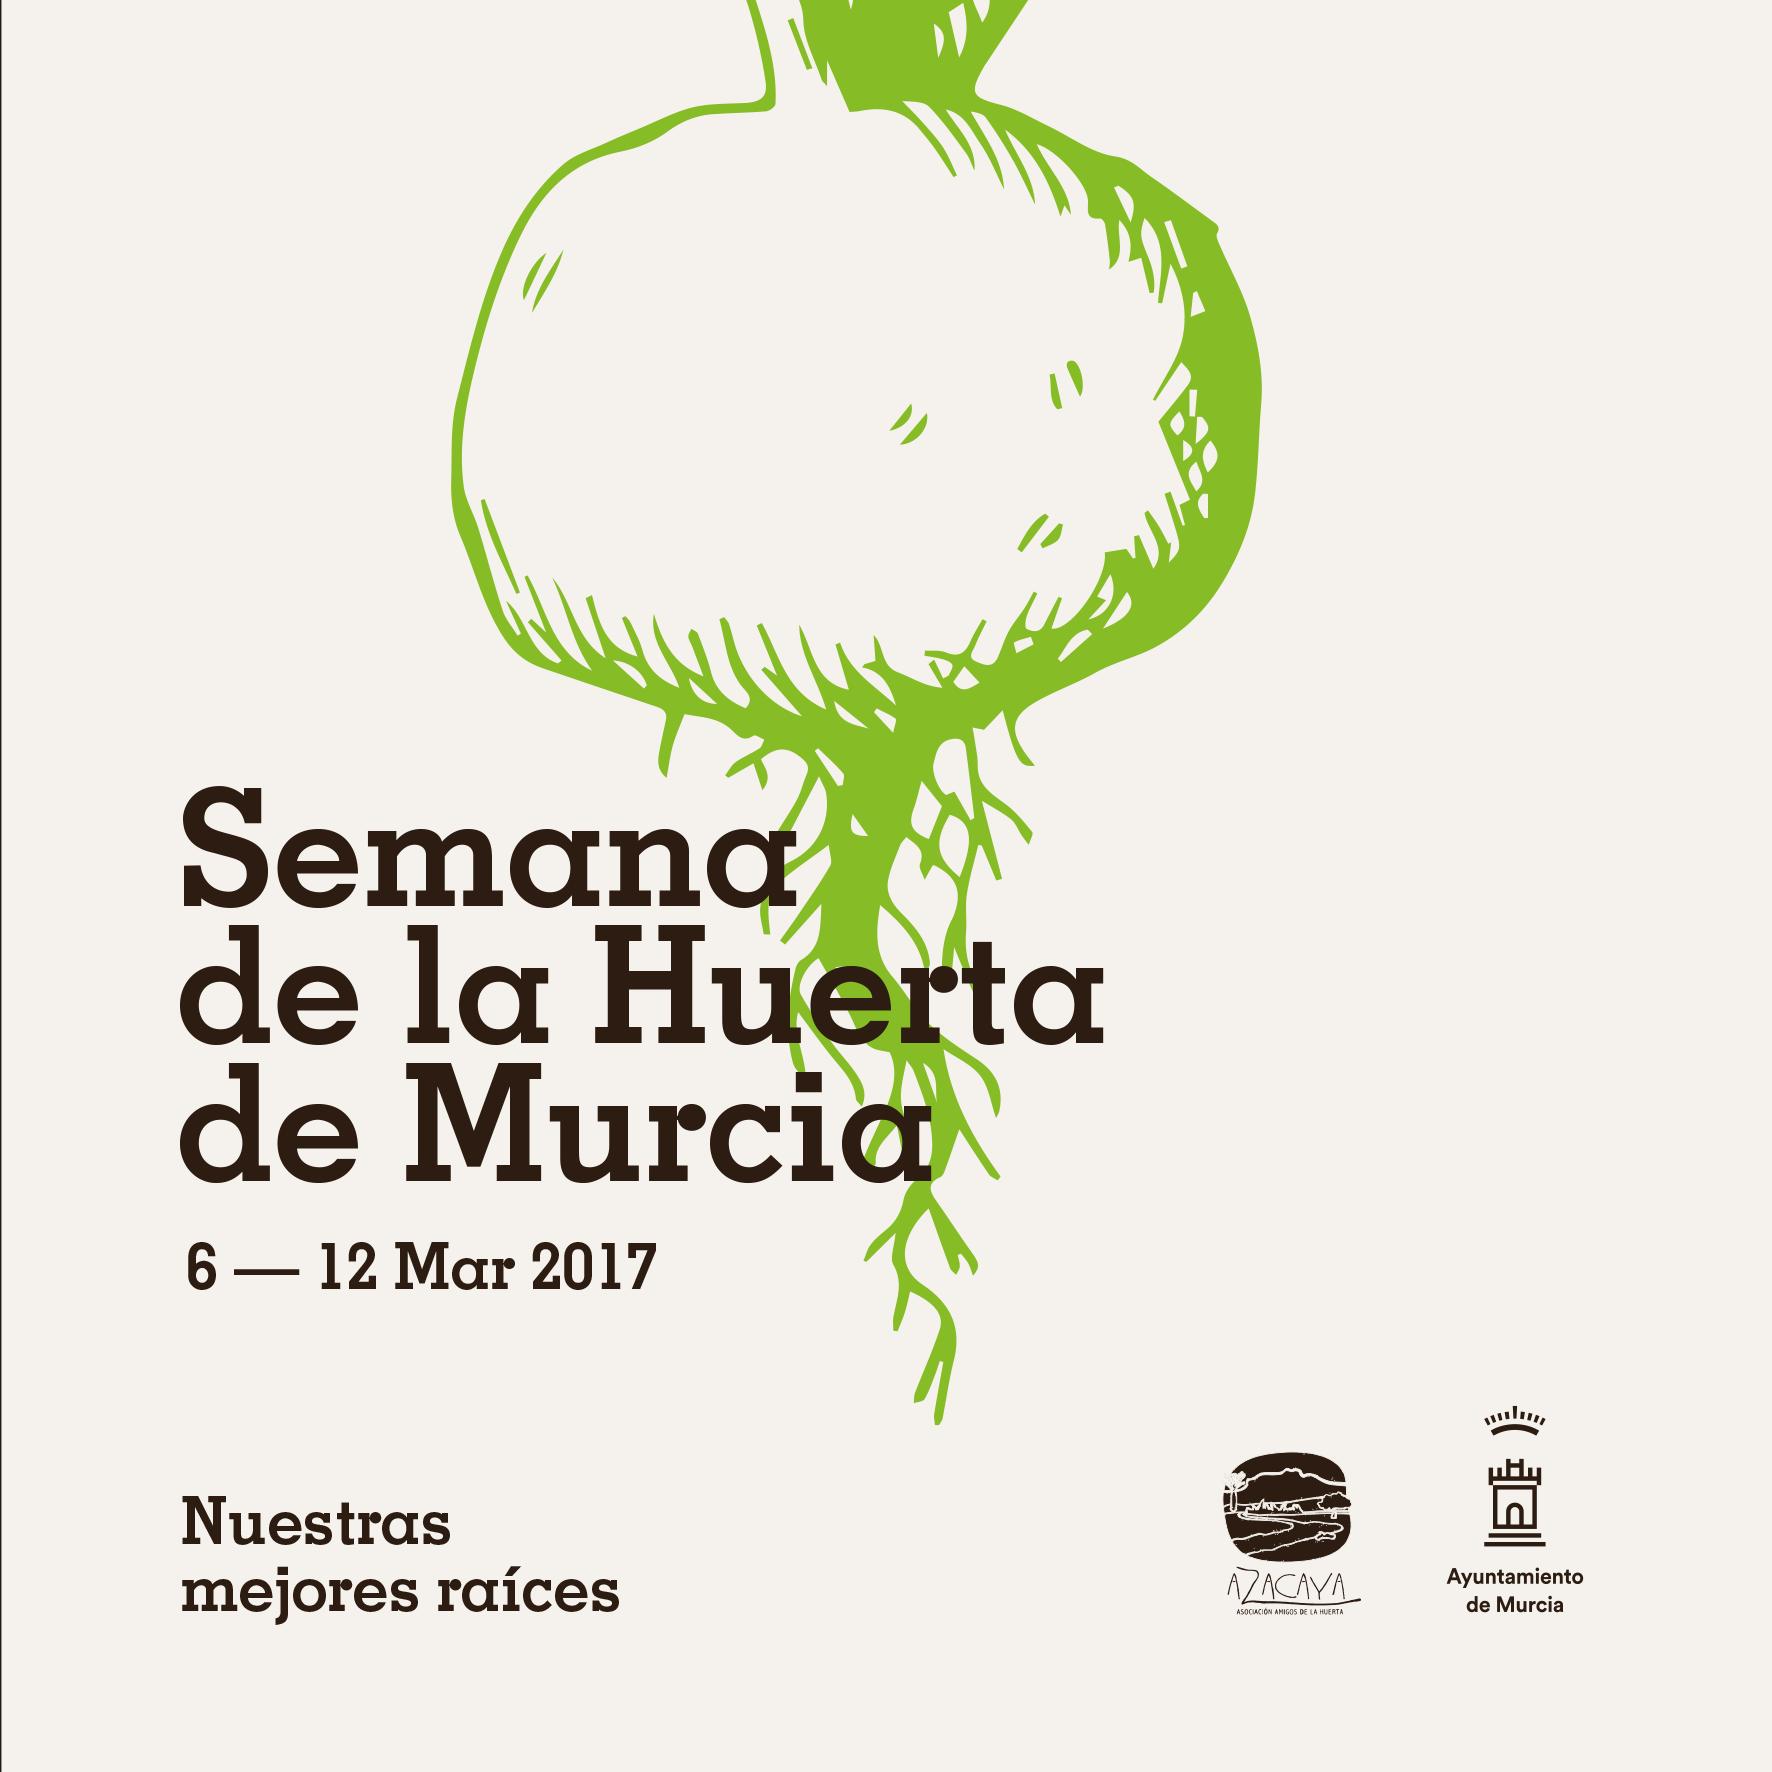 Semana-de-la-huerta-de-Murcia-2017-1